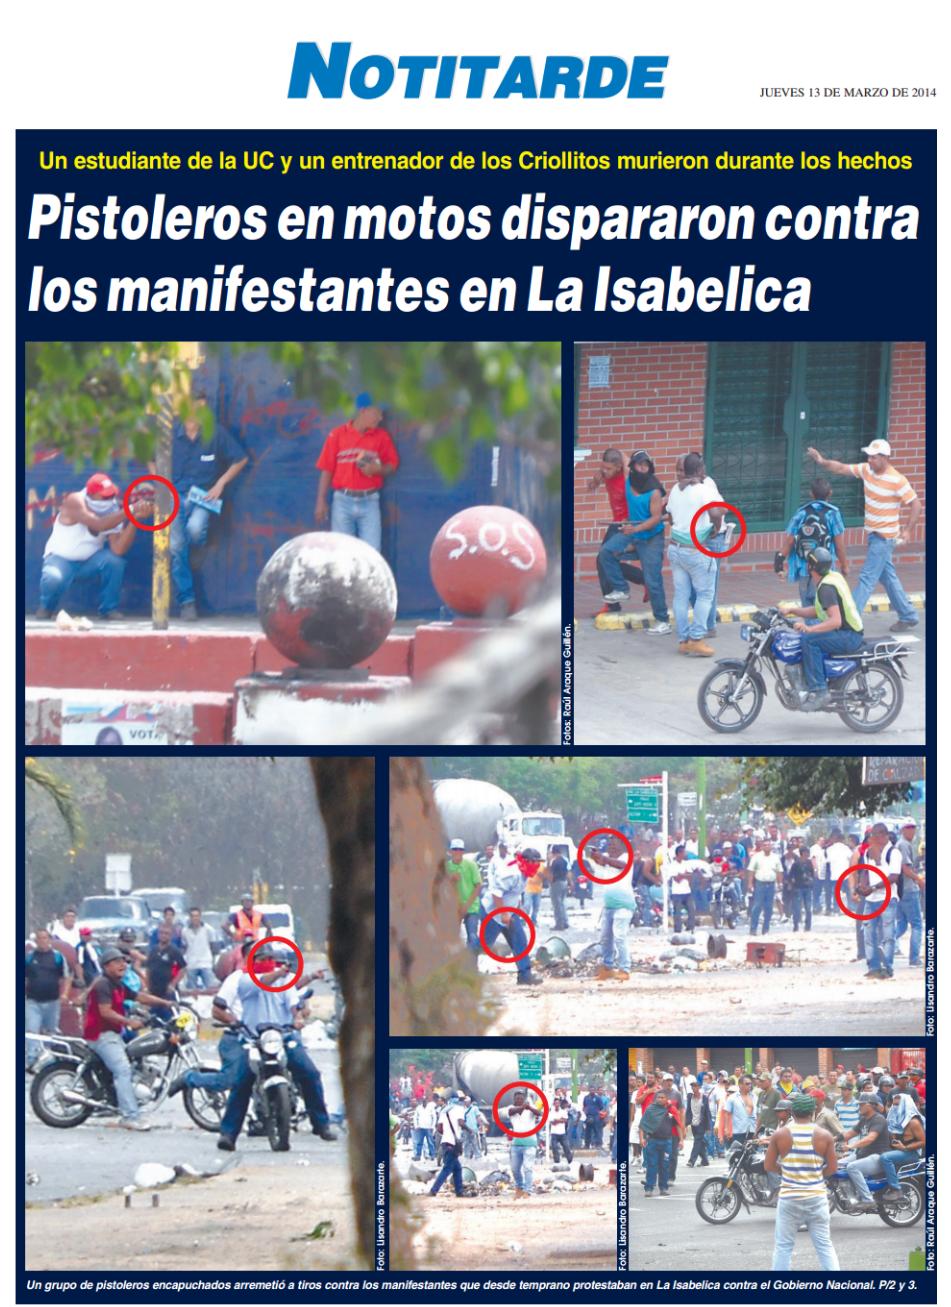 Foto: Portada diario Notitarde (13 de marzo de 2014)